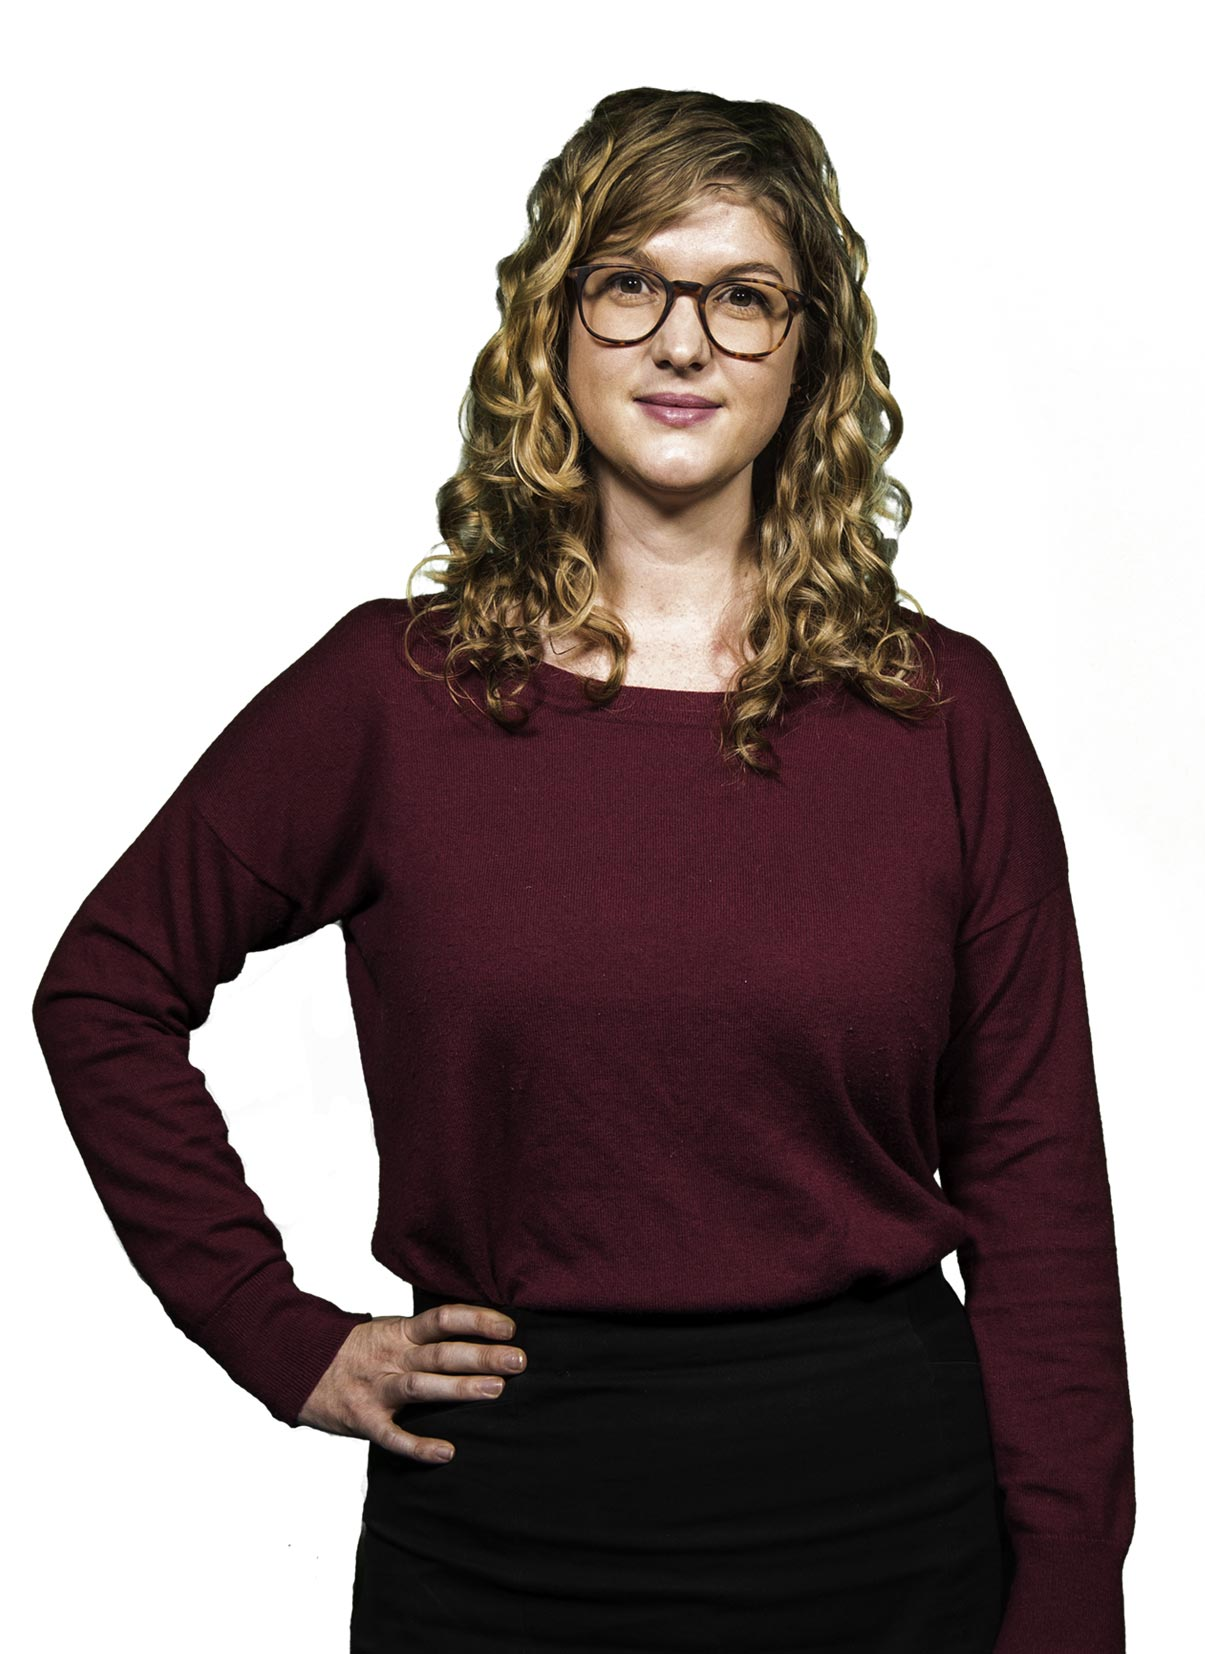 Kate Helmstedt